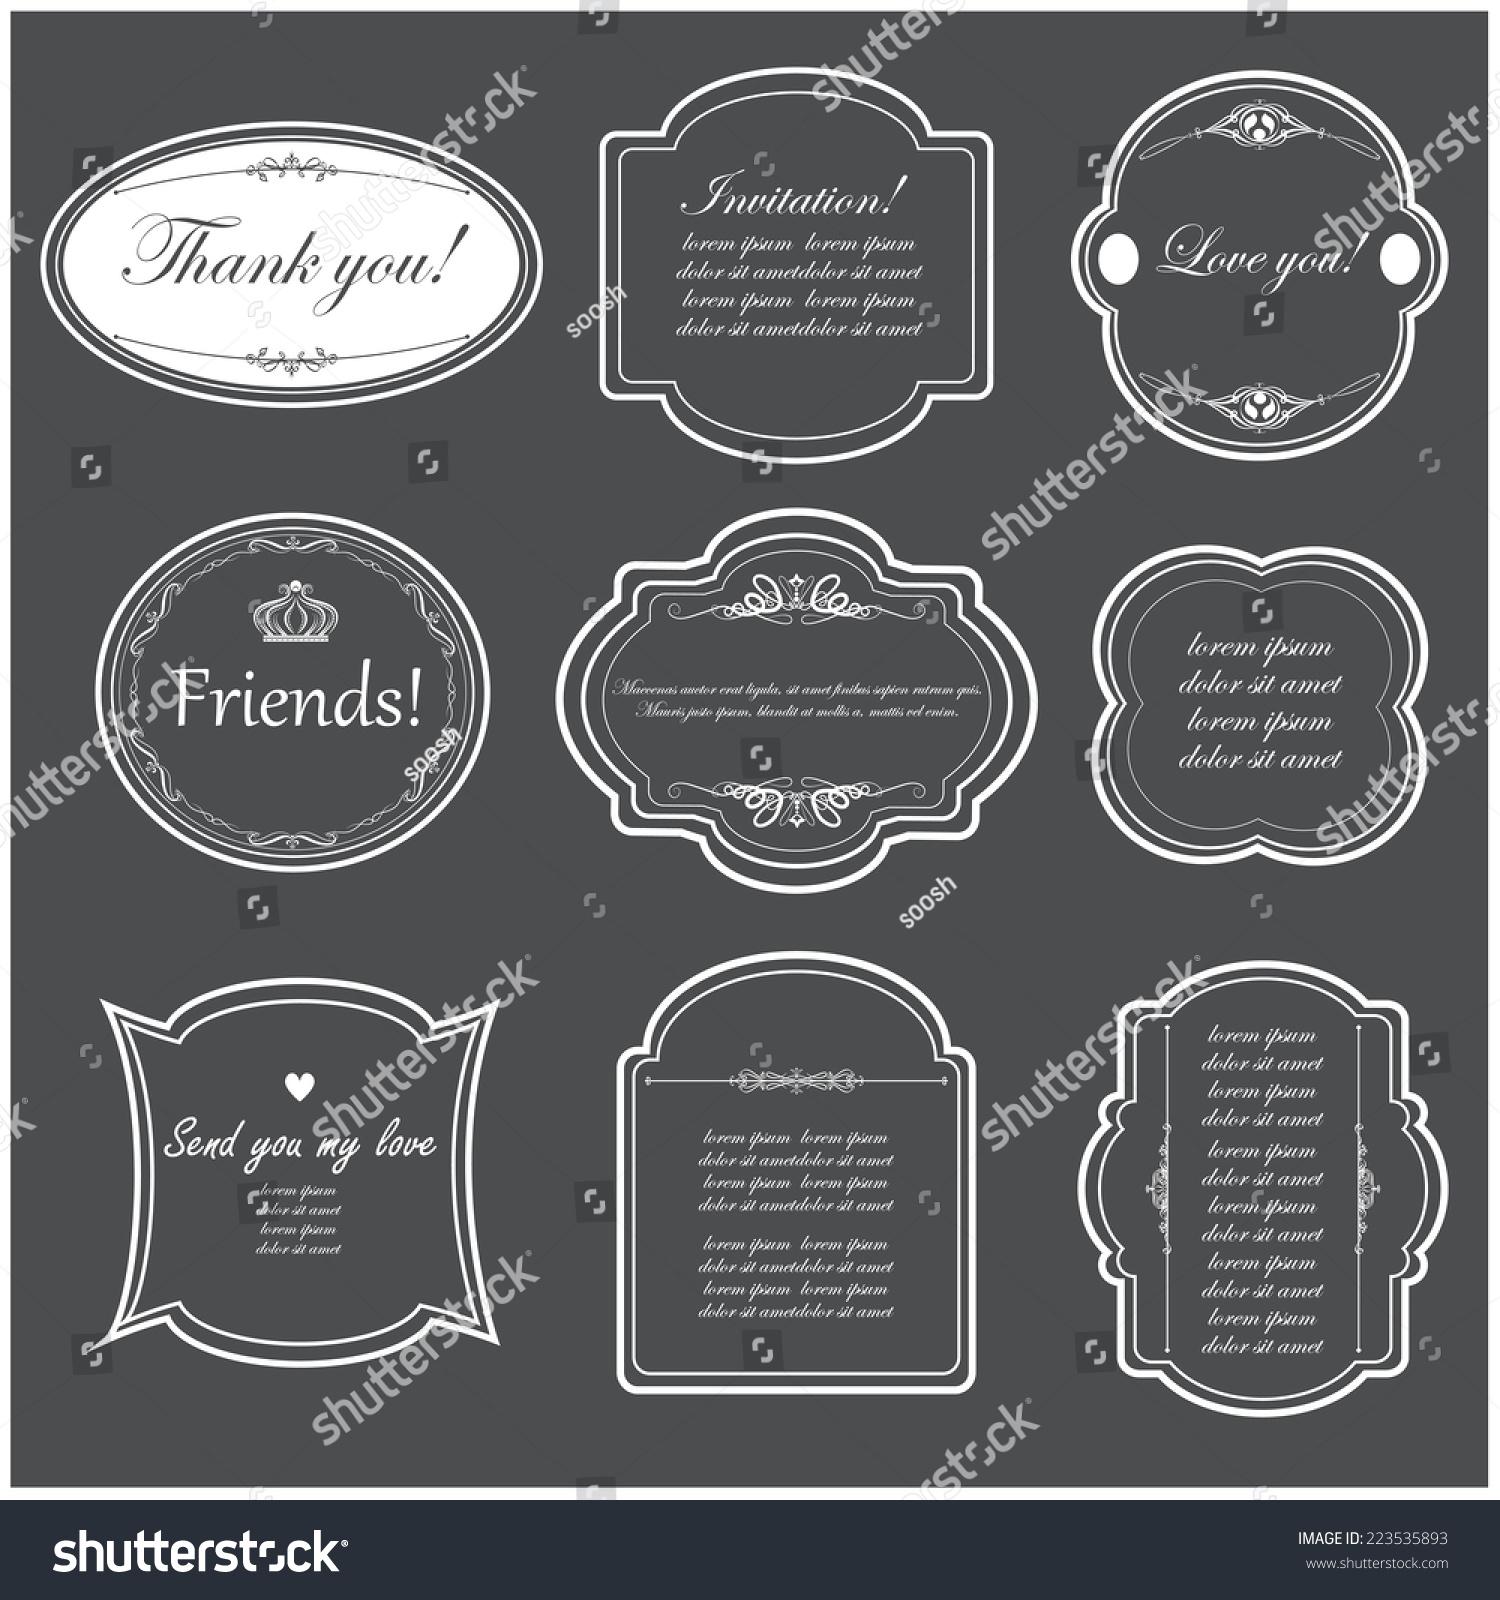 Vector Illustration Design Frames Wedding Invitations Stock Vector ...